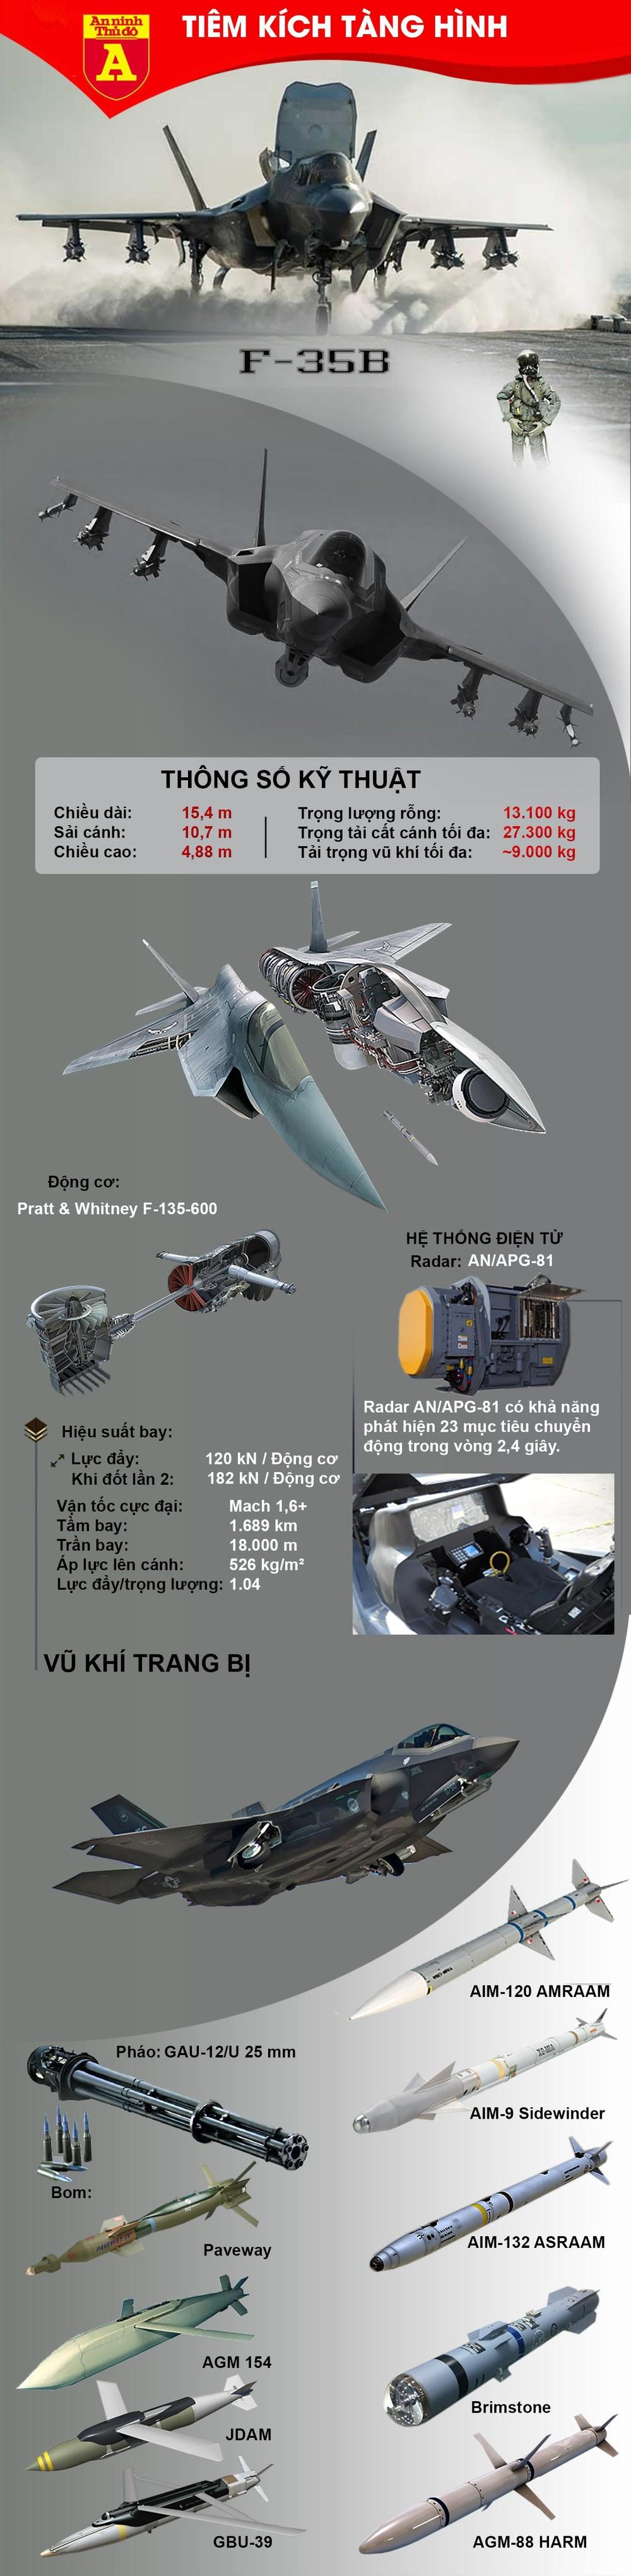 [Info] Nhật Bản dùng F-35B thiết lập hàng rào thép trước Trung Quốc ảnh 2